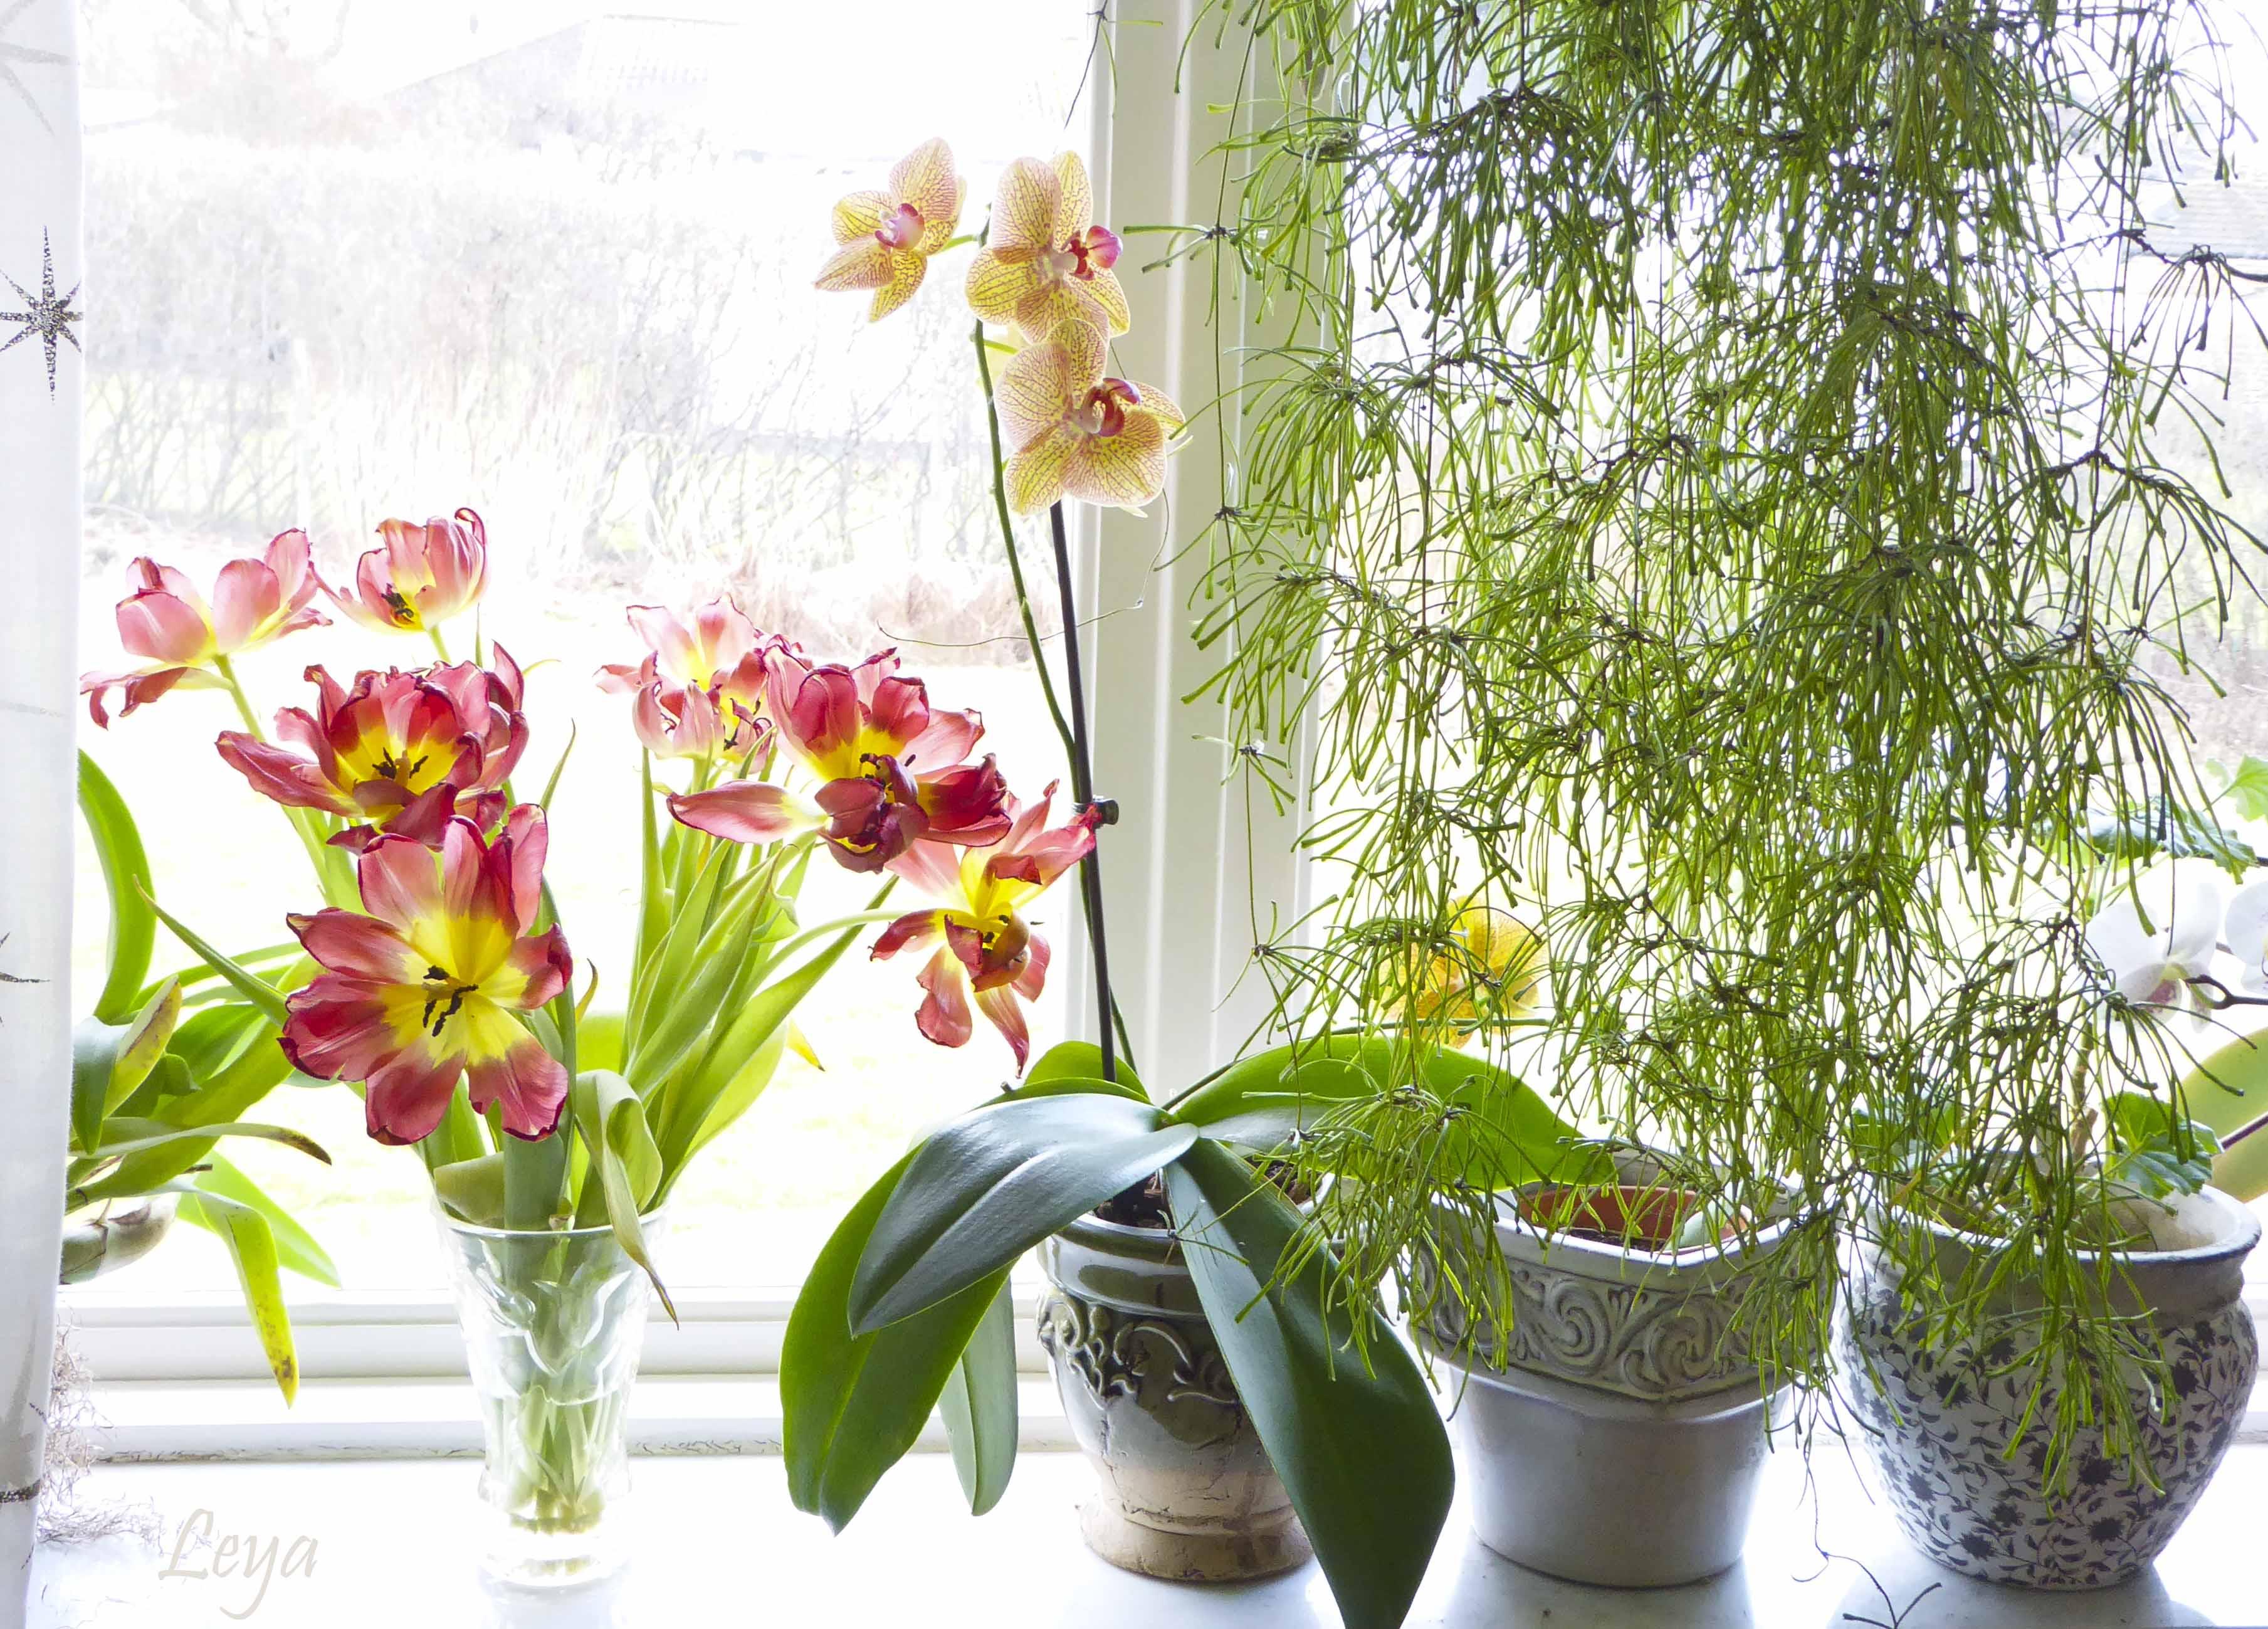 Högdagerbilder på husets blomning 159_copy